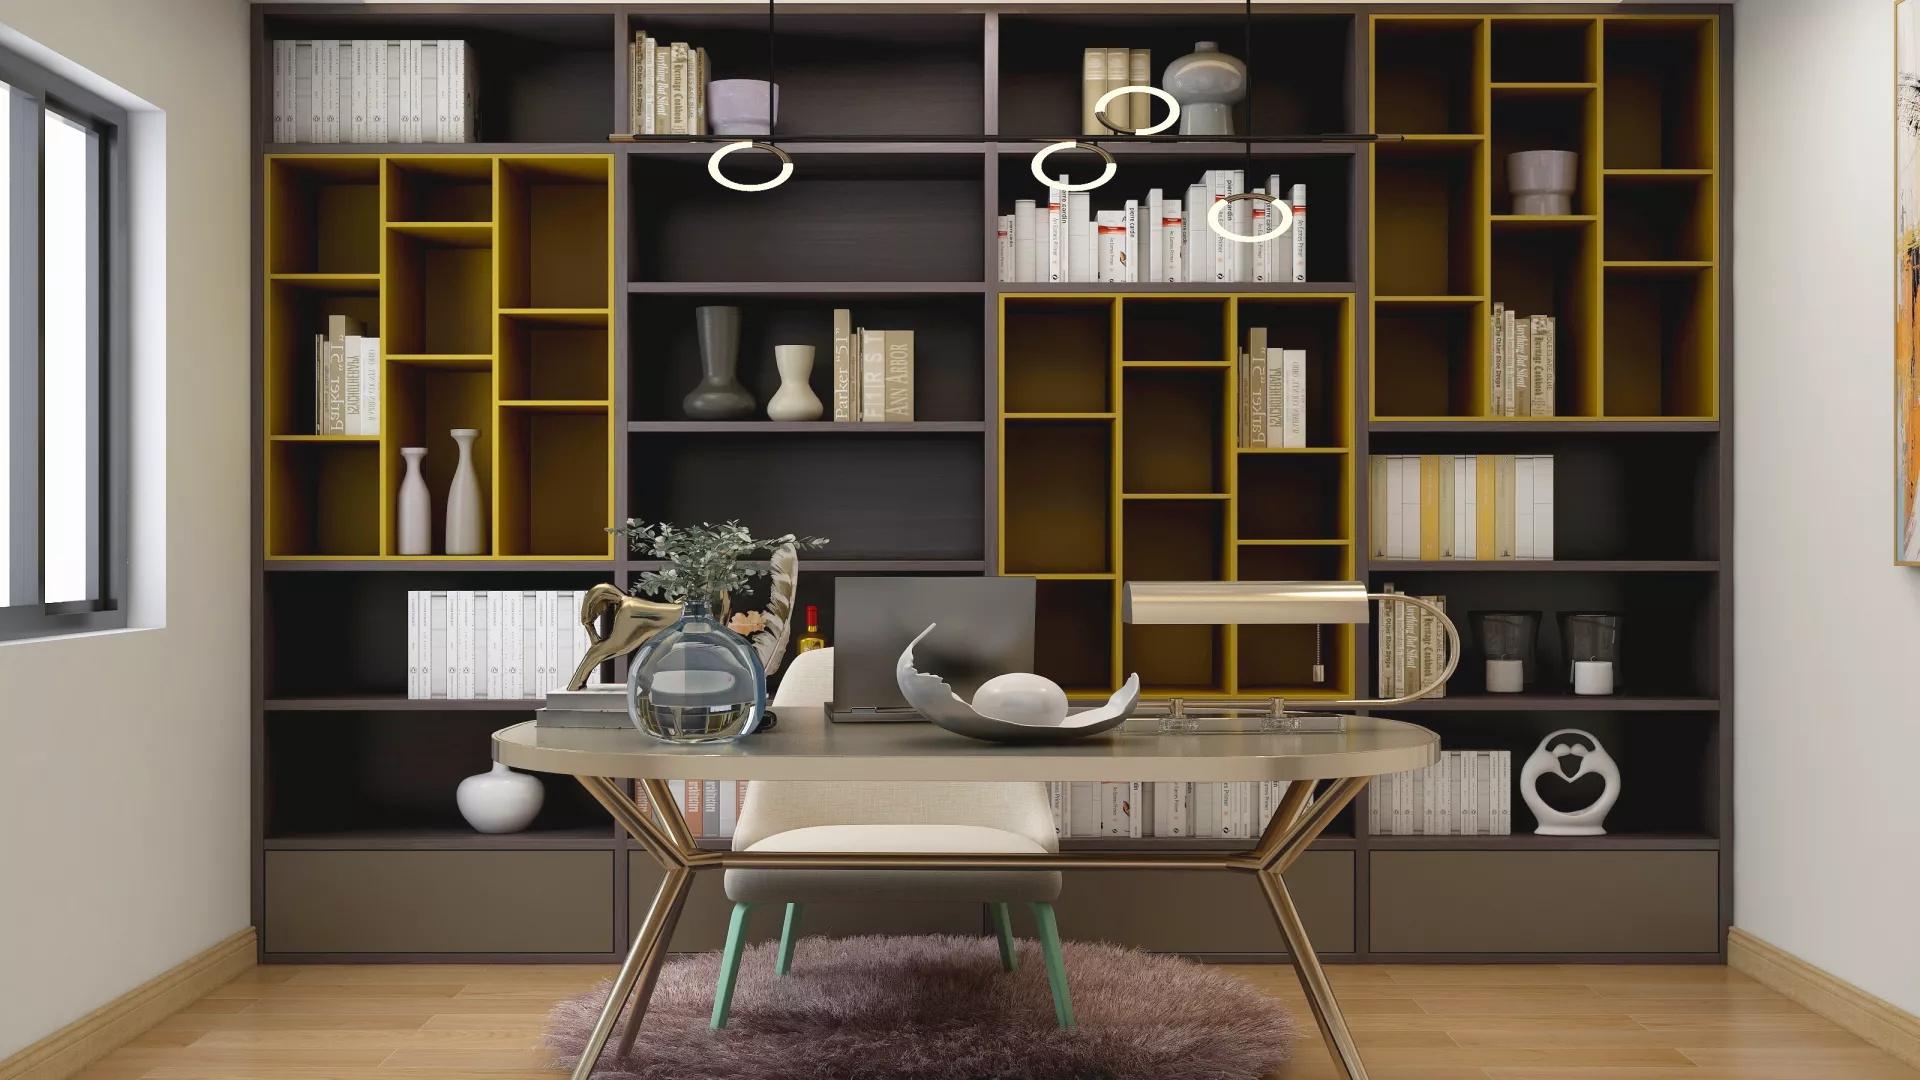 个性宜家北欧风格小公寓家装效果图